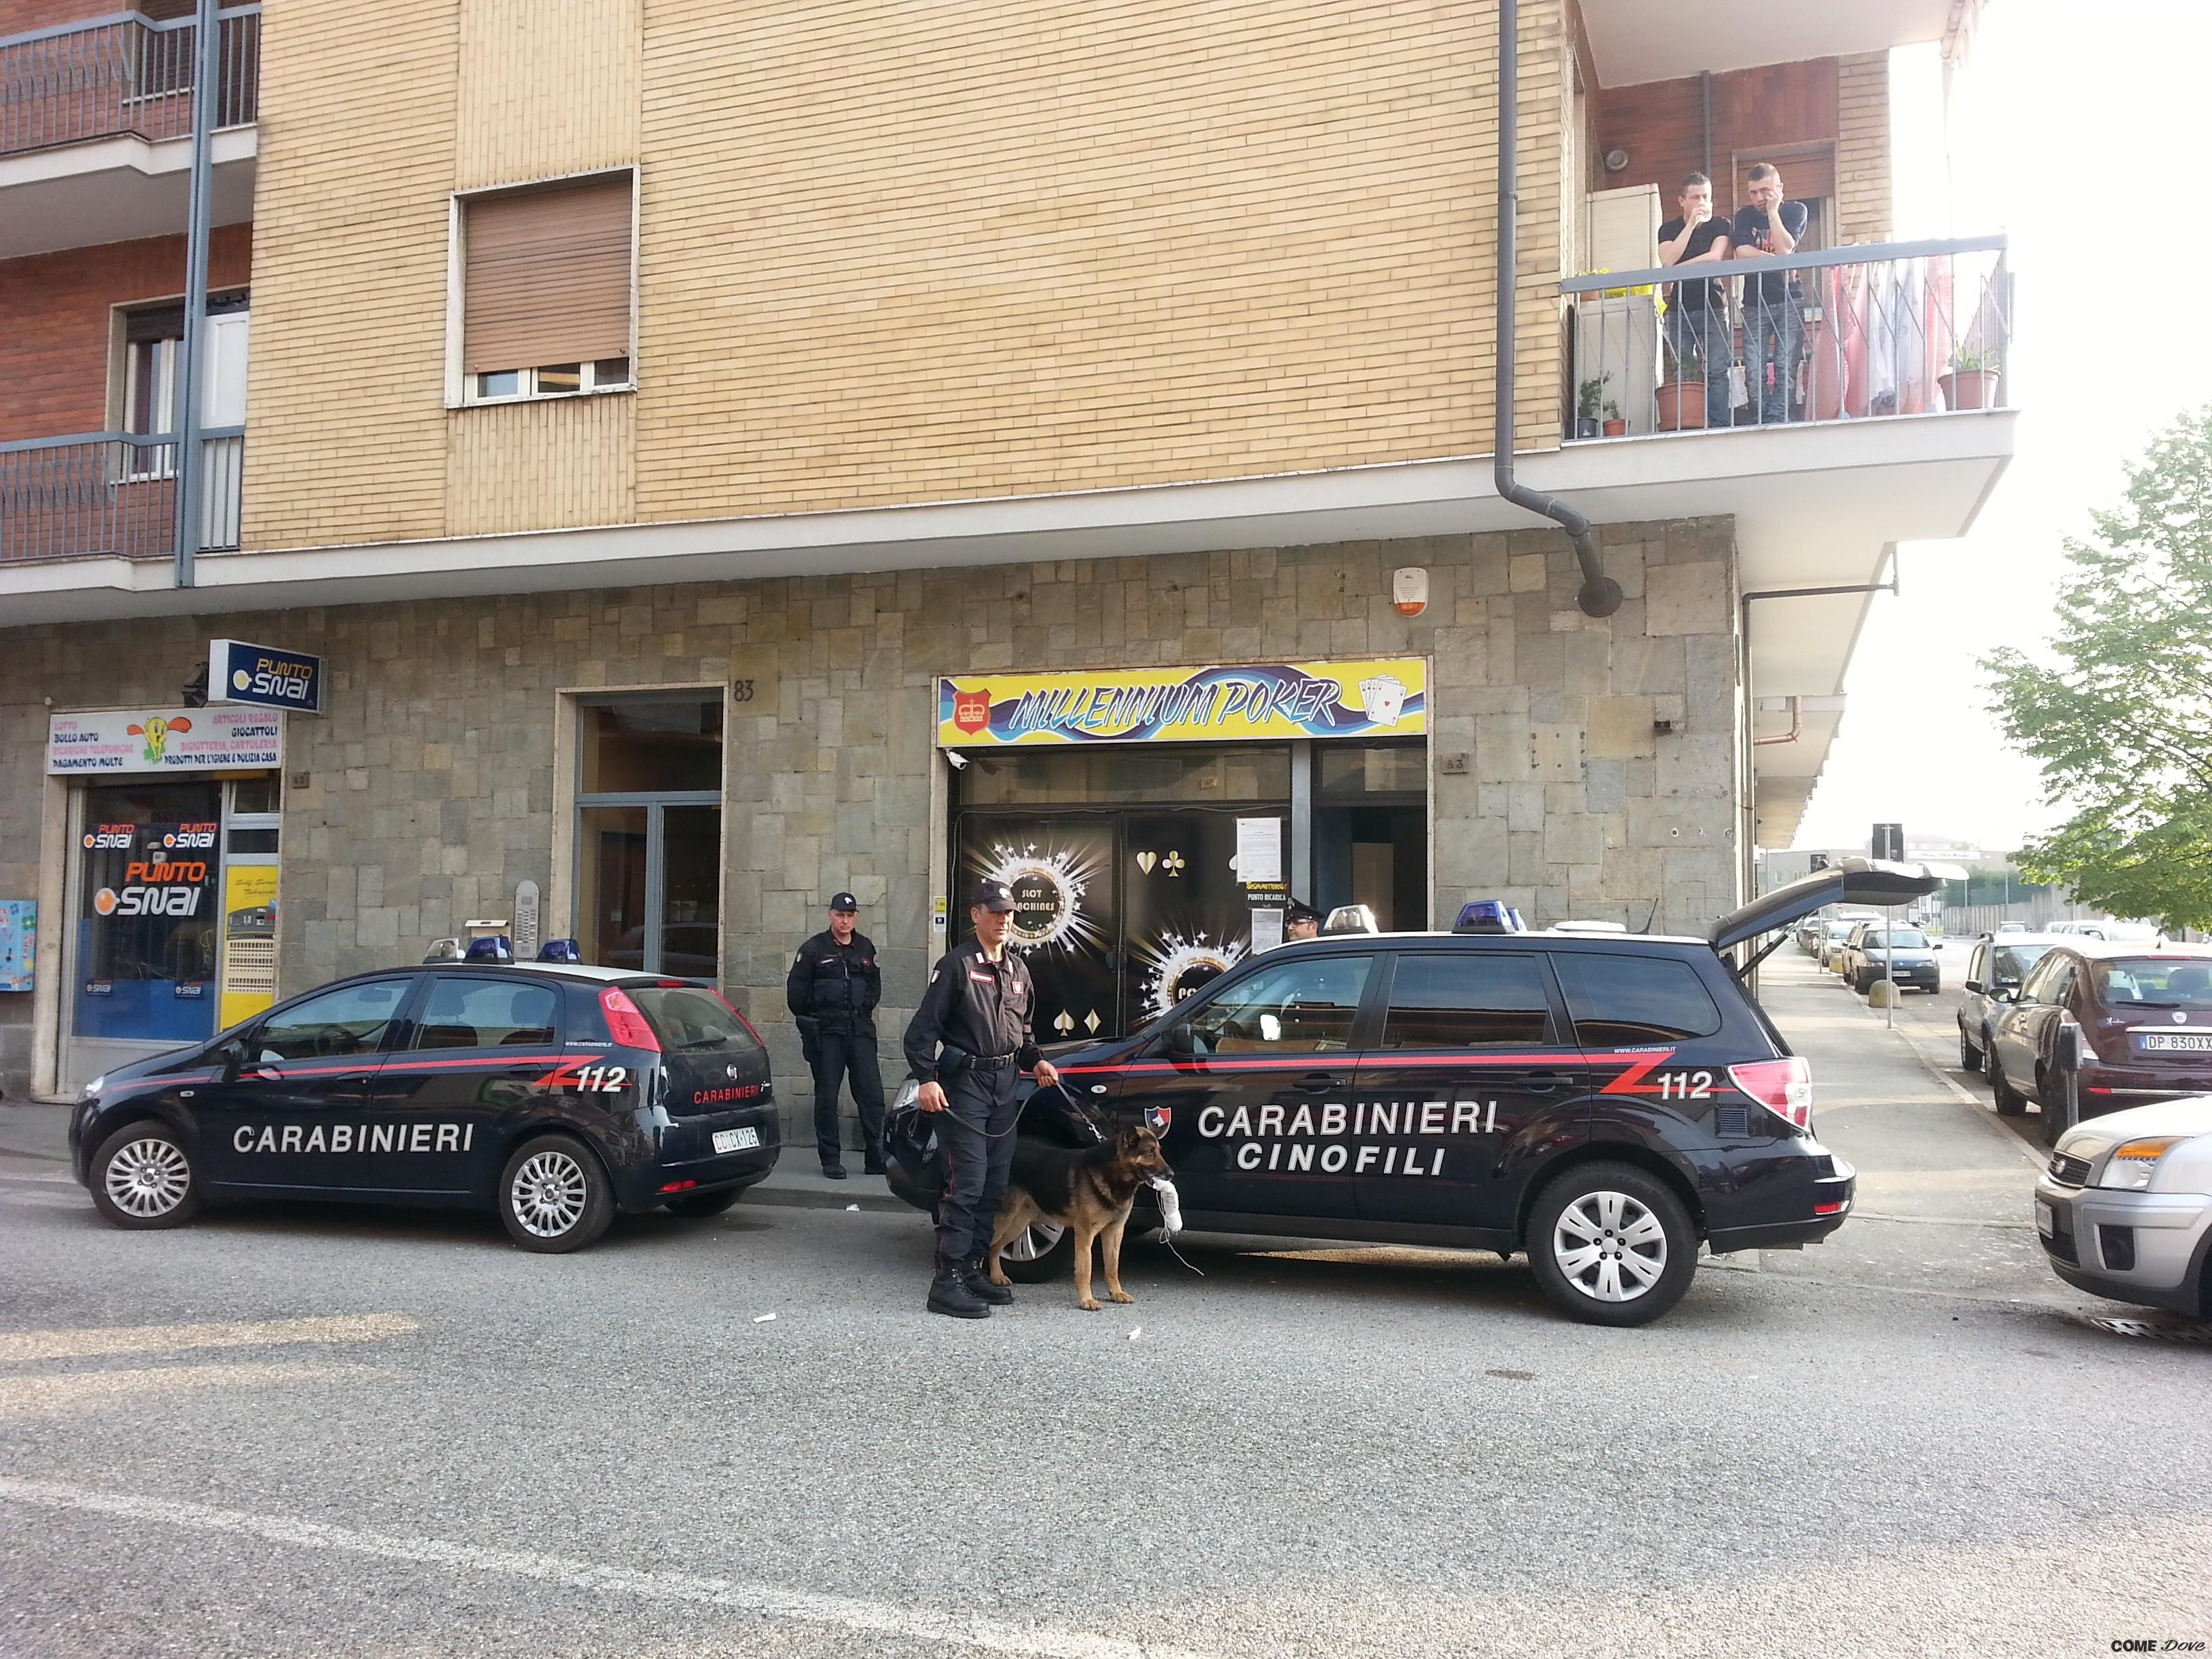 Ufficio Lavoro Nichelino : Nichelino droga nascosta nella sala giochi arrestati i due